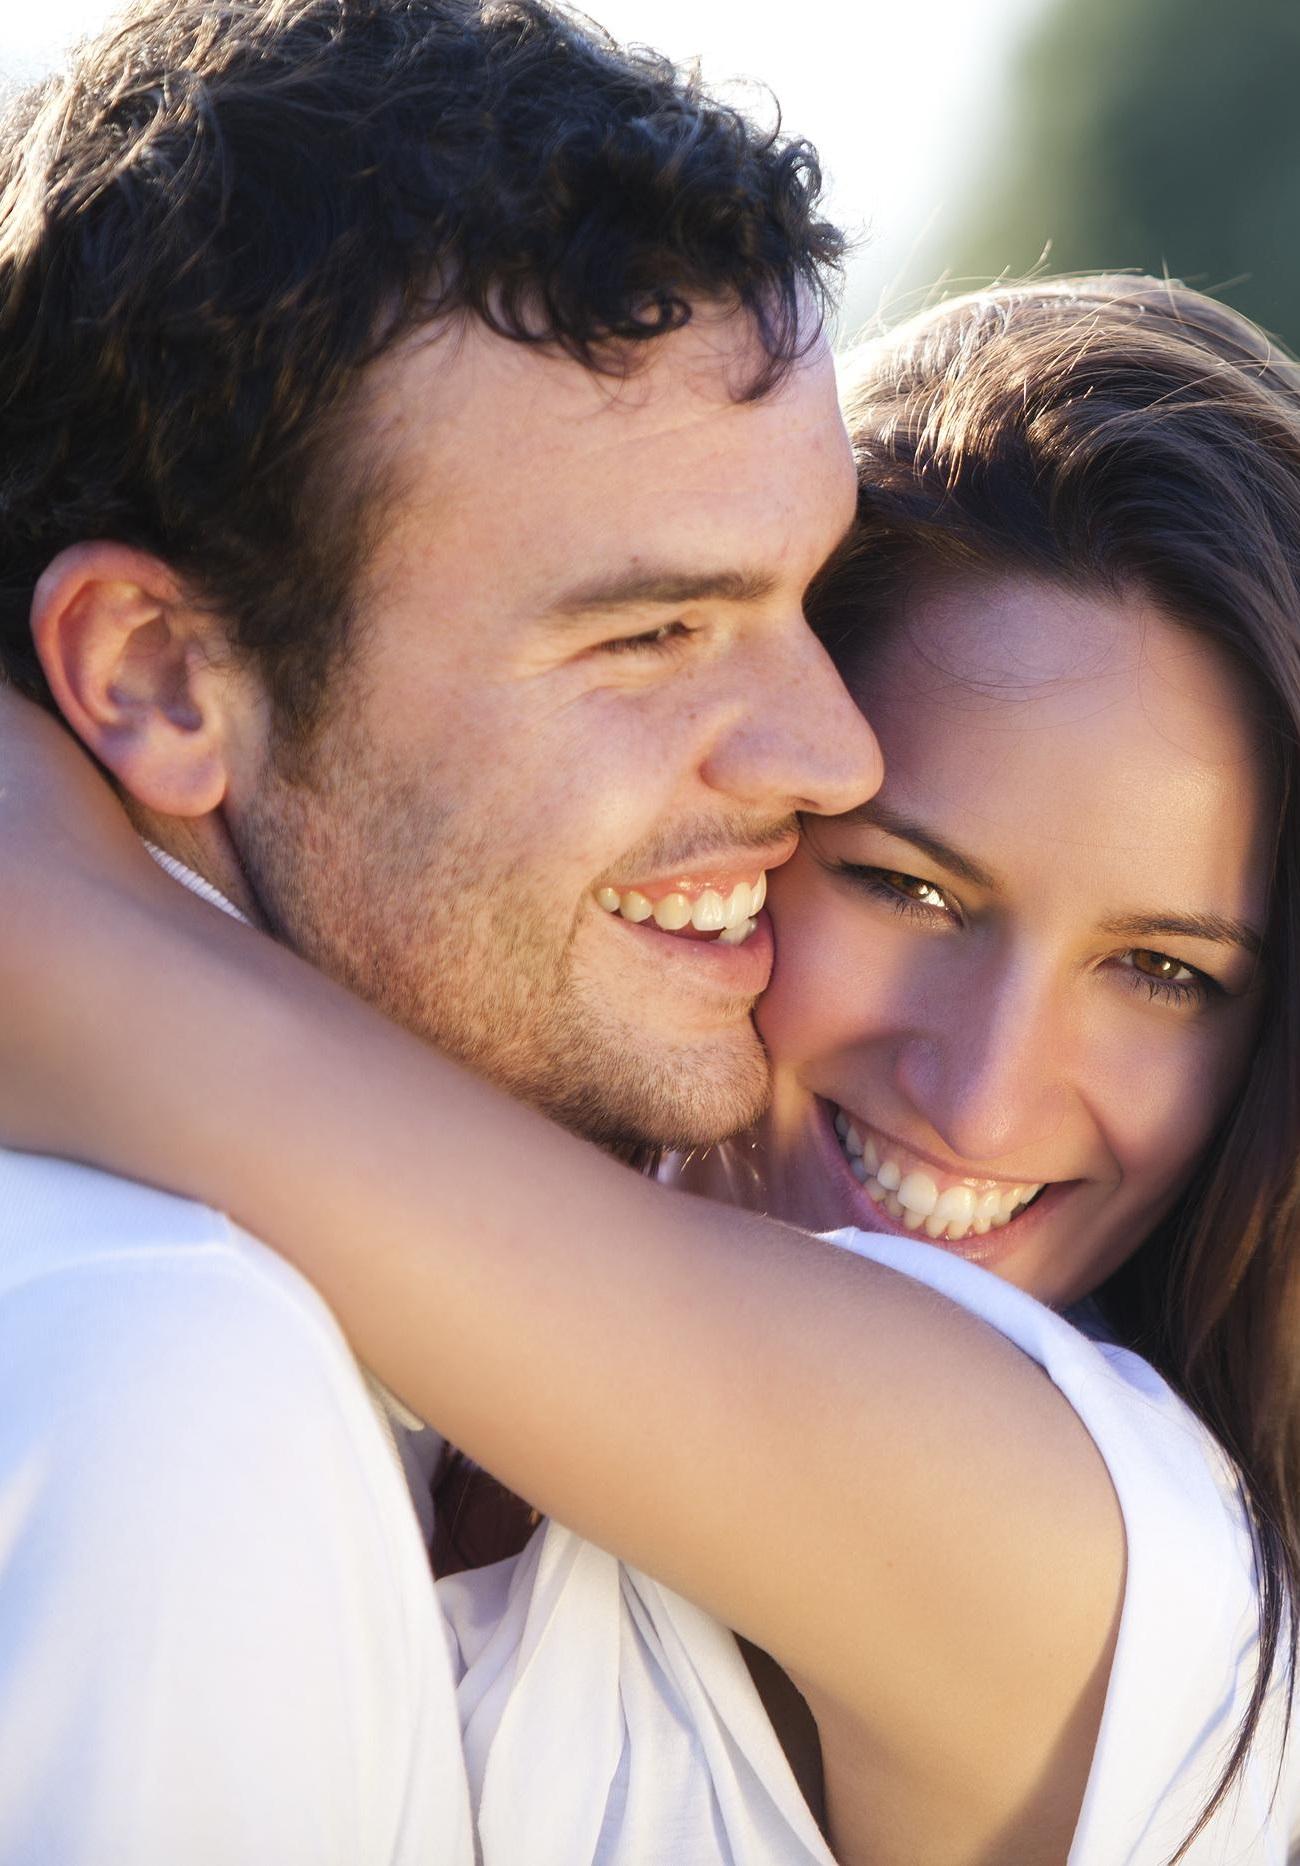 datând un bărbat vârsta ta vogue forum dating online